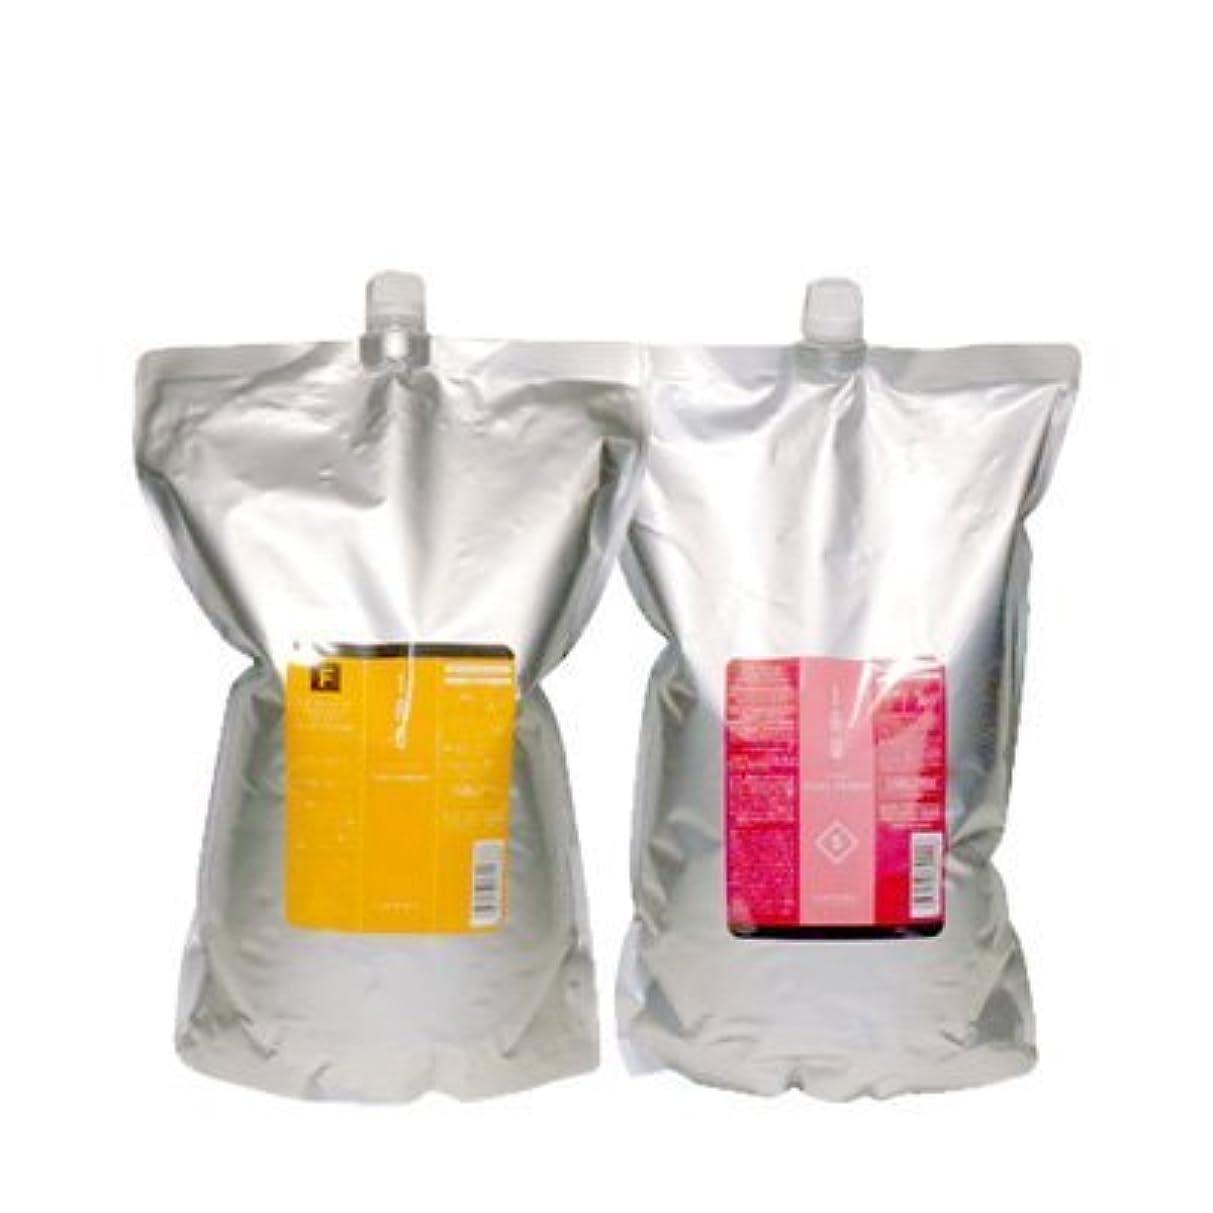 フィッティングミルクなんとなくルベル IAU イオ クレンジング フレッシュメント(シャンプー)2500ml&イオ クリーム シルキーリペア トリートメント2500ml 詰め替えセット